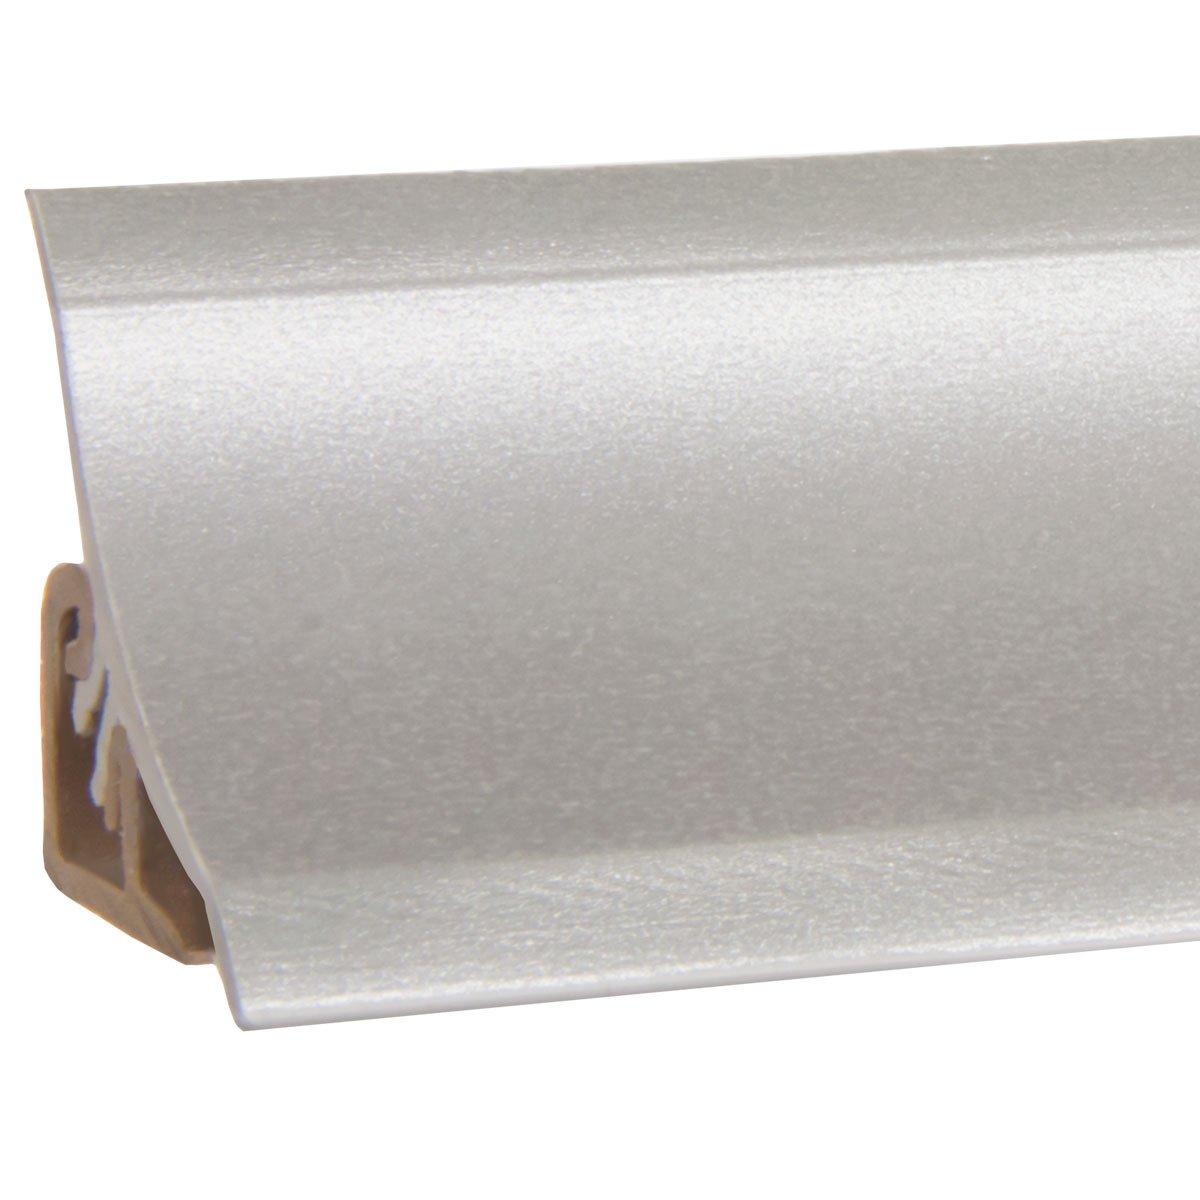 HOLZBRINK Capuchon dExtr/émit/é Plinthe de Comptoir de Cuisine Aluminium d/'Argent 23x23 mm Bande de Finition PVC